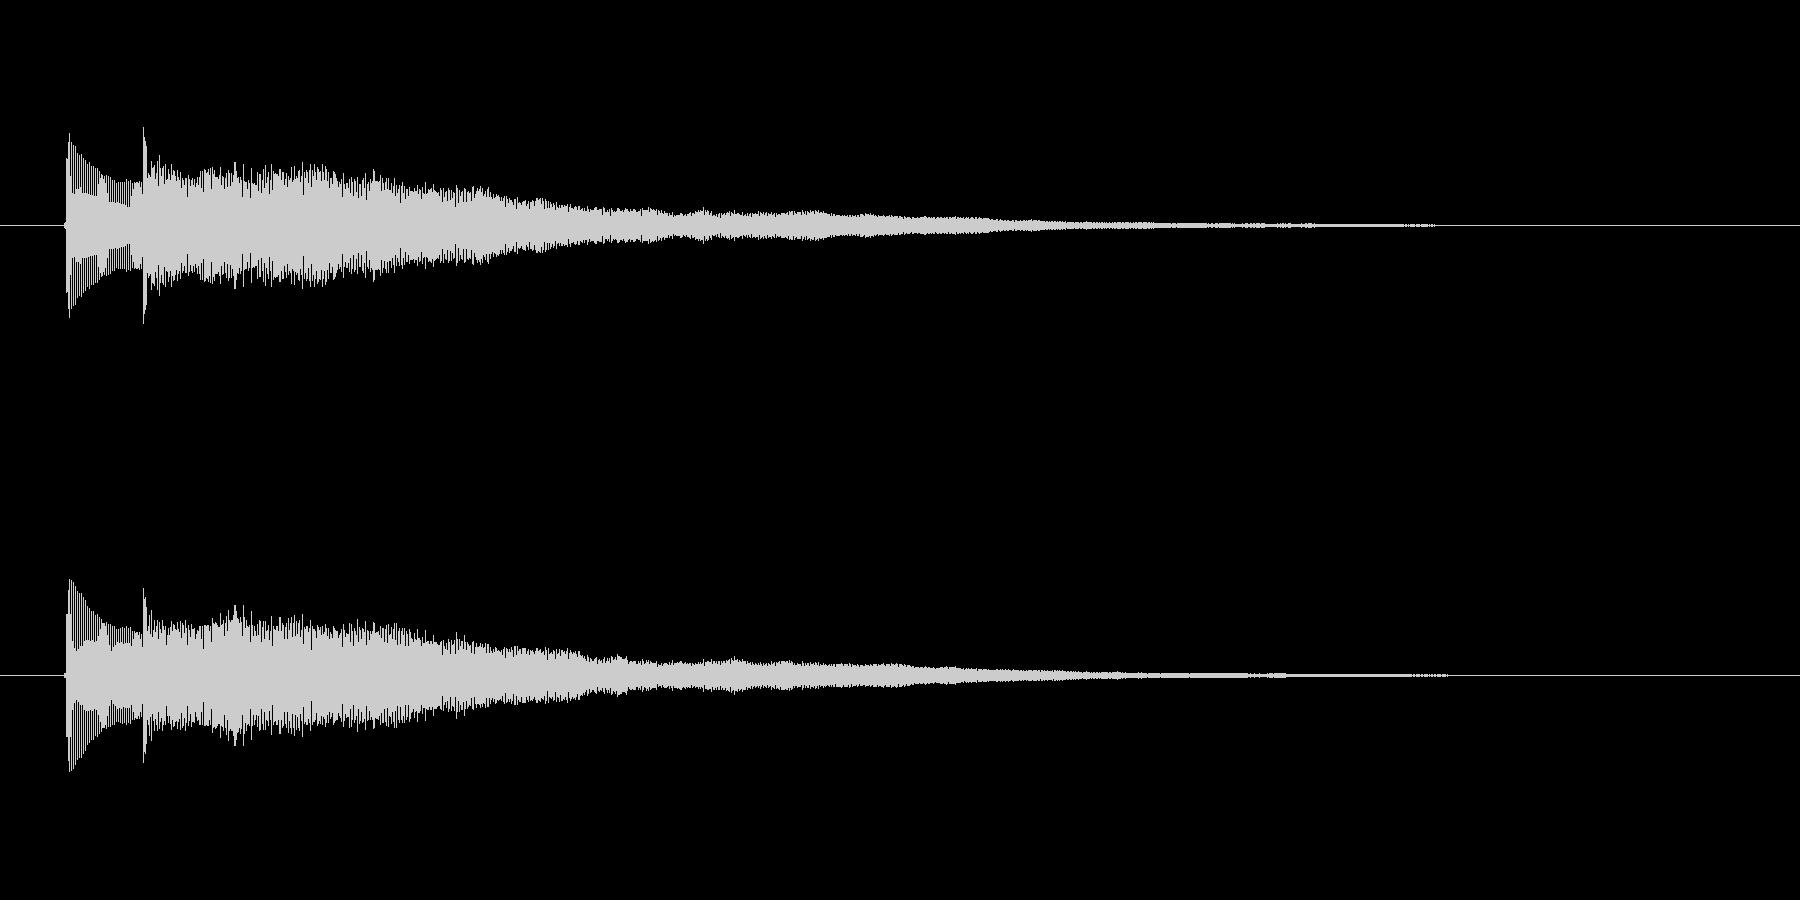 ボン、ボーンという弦楽器の音の未再生の波形